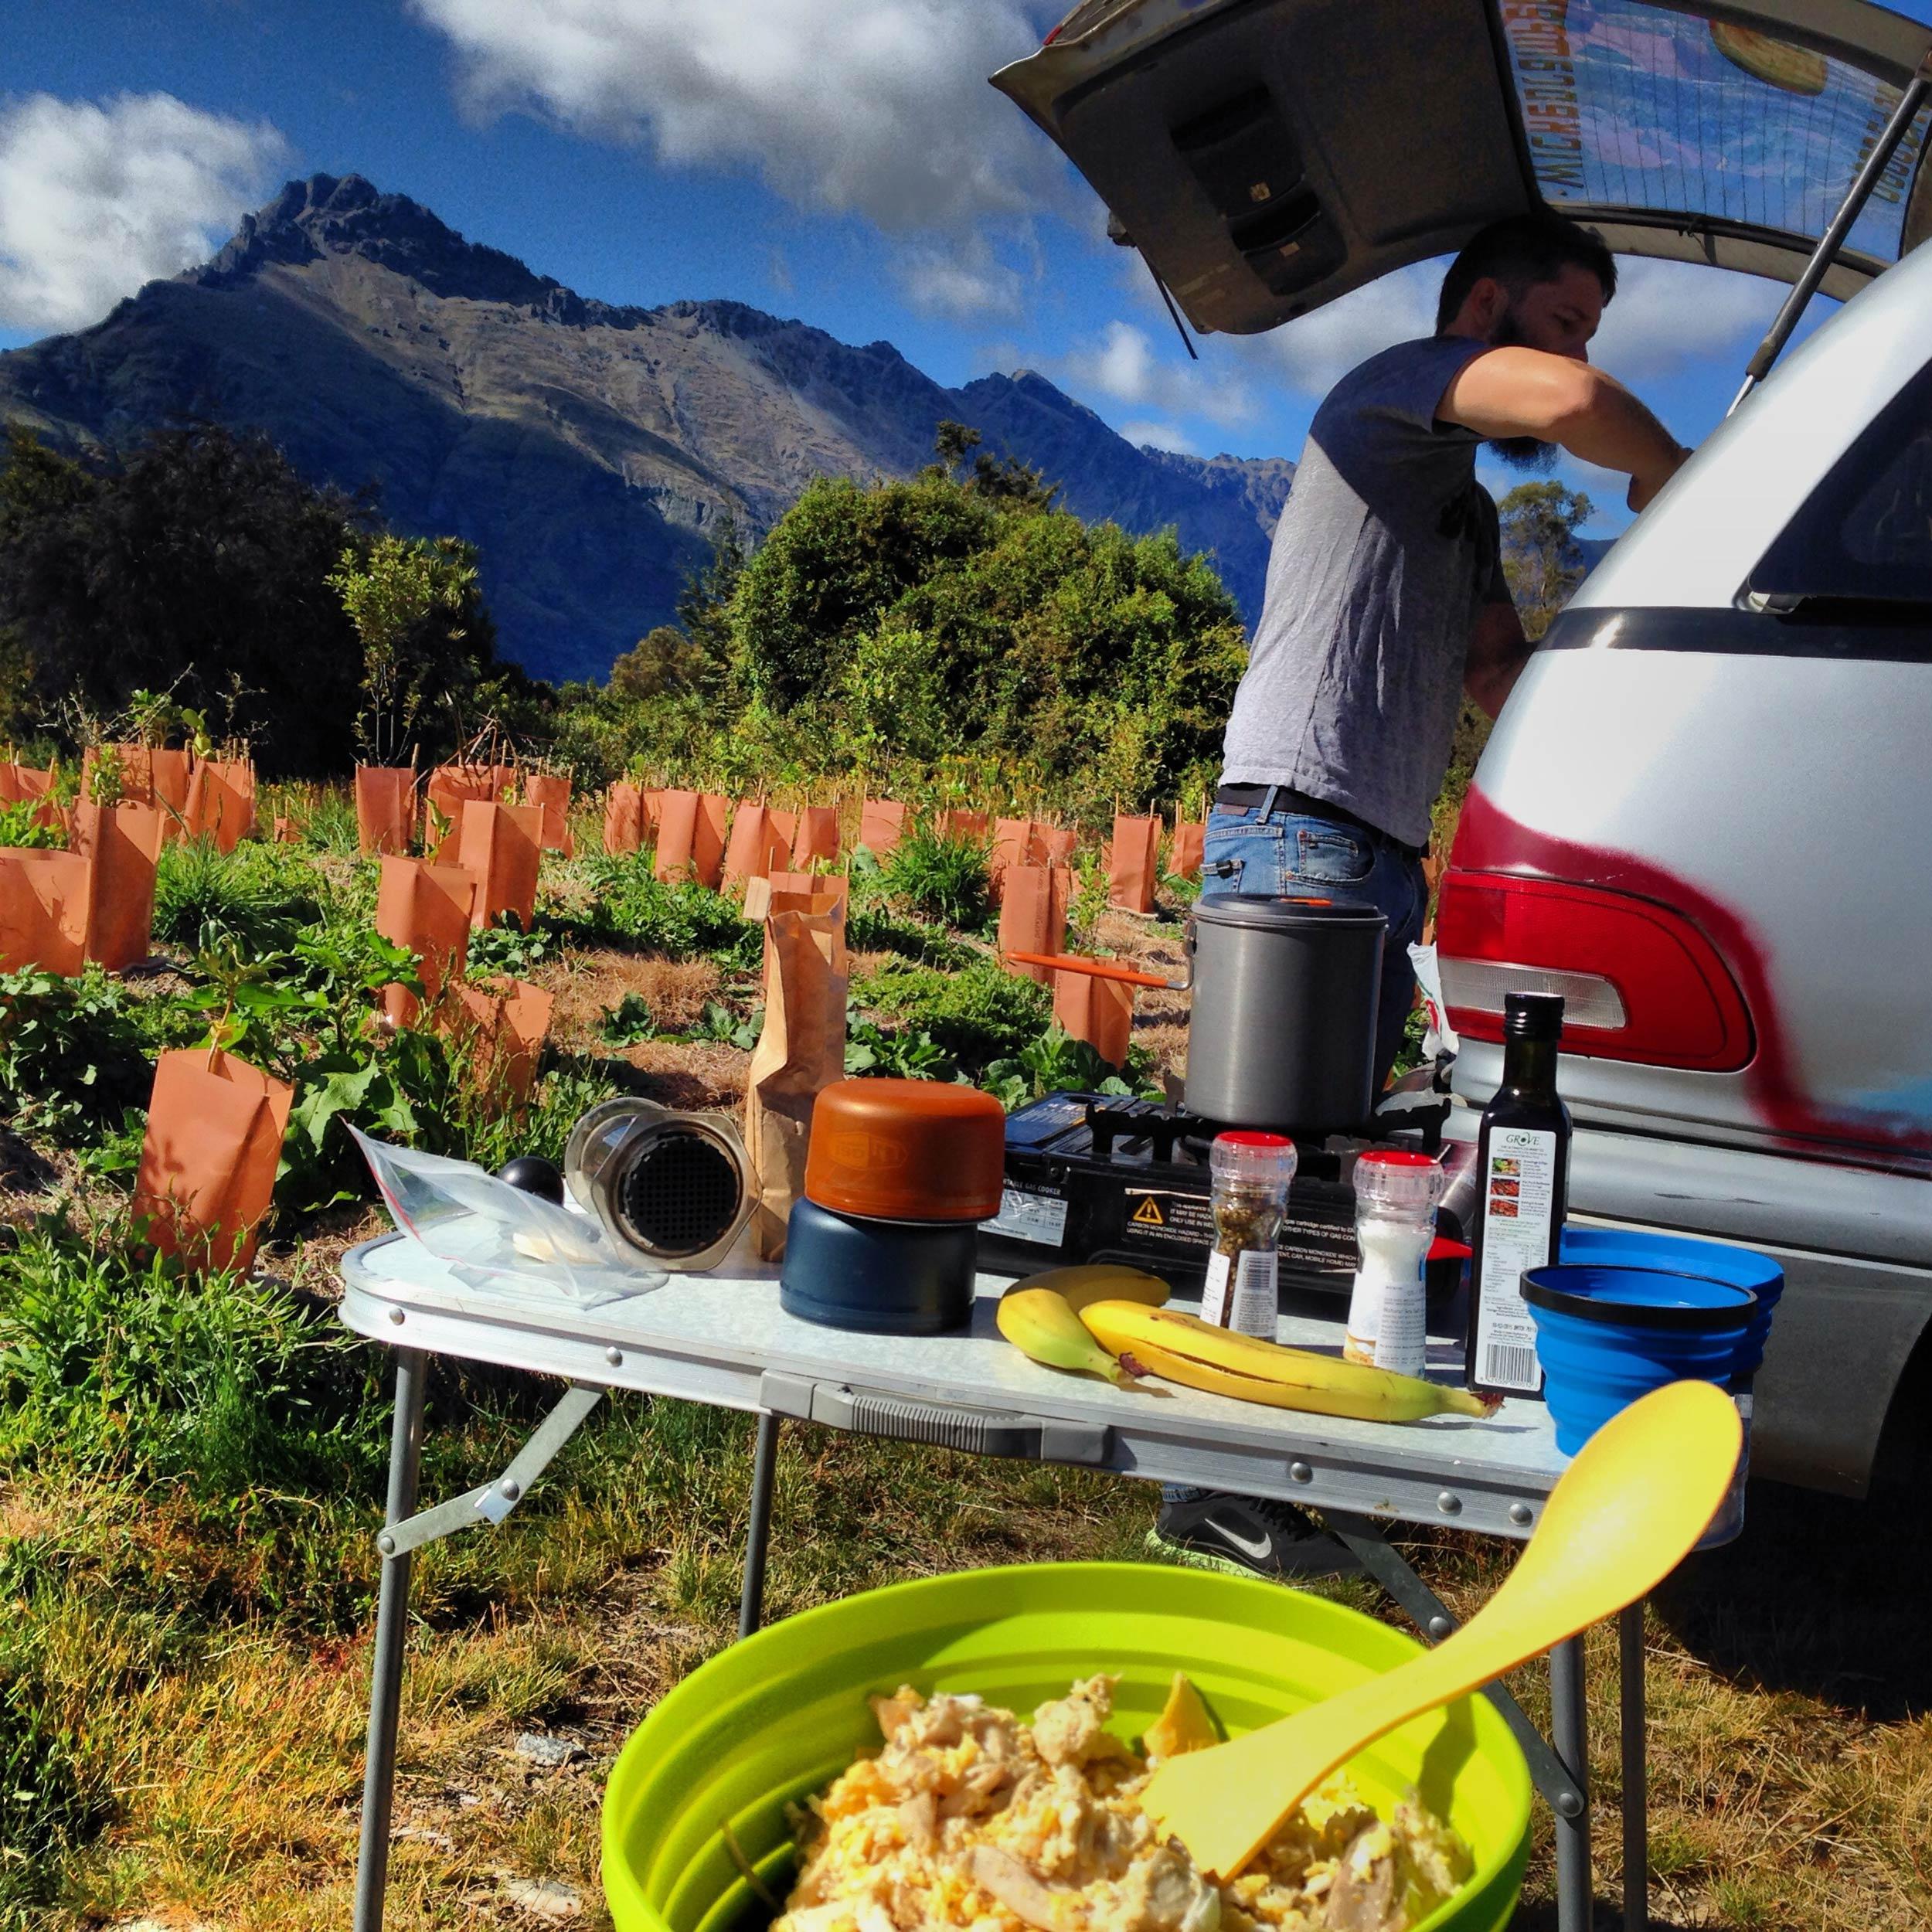 queenstown_12_mile_delta_campground_van_breakfast.jpg